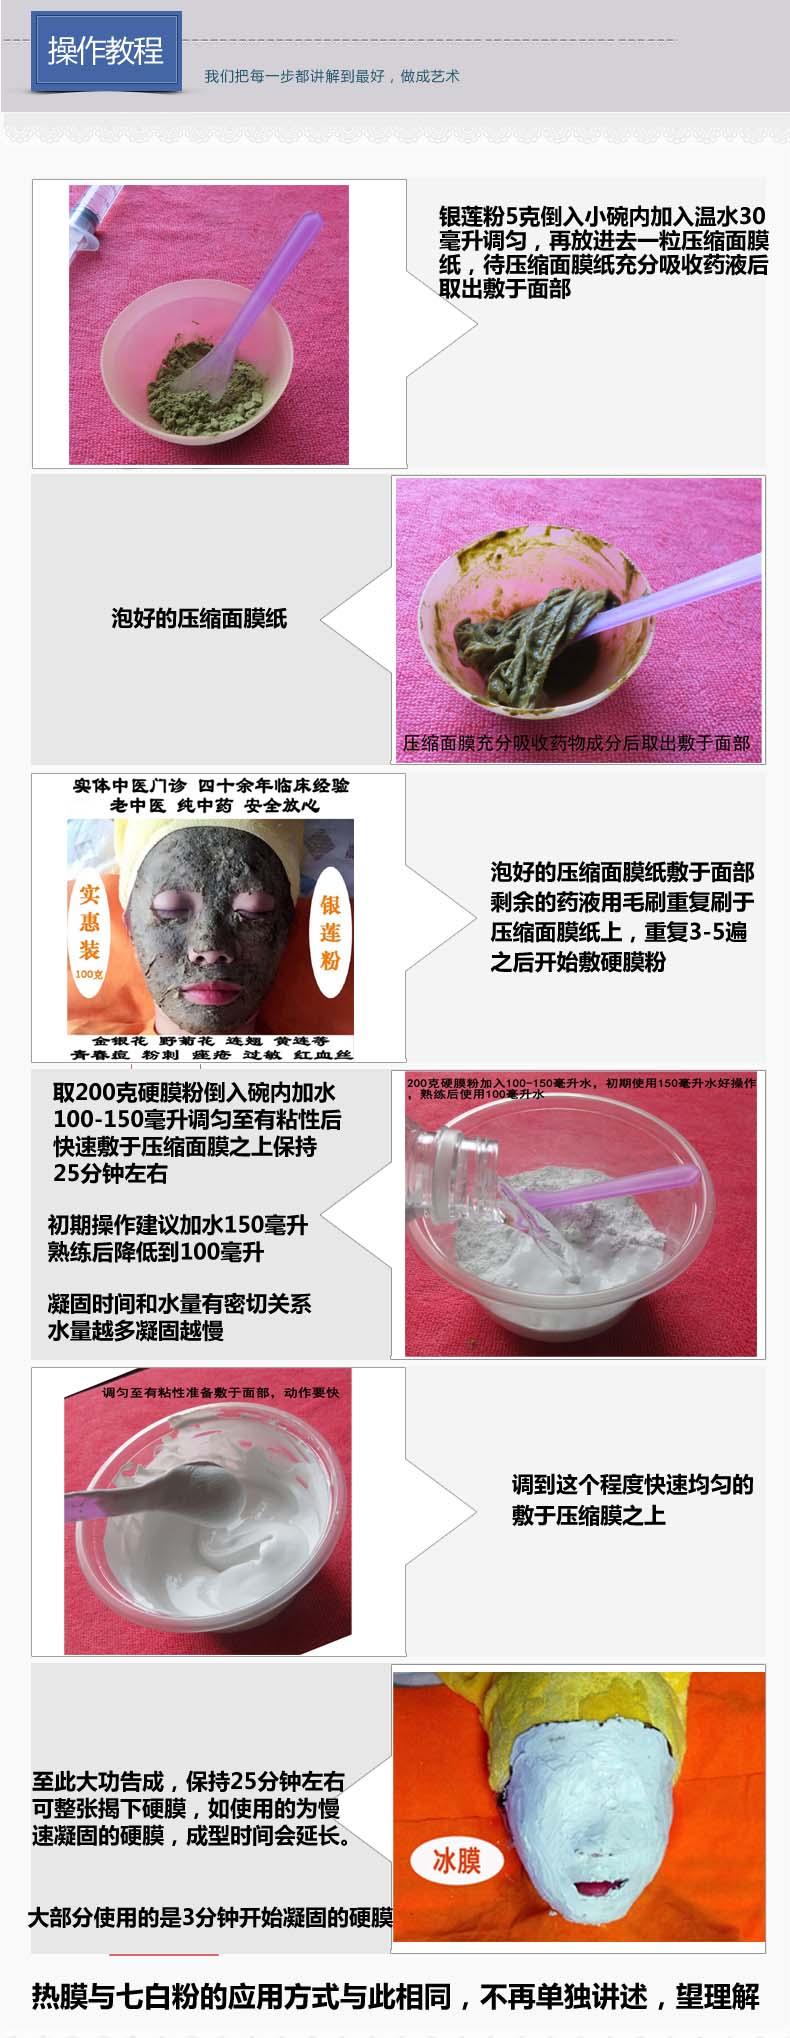 治疗青春痘专用石膏冷膜粉凉膜粉薄荷消炎粉